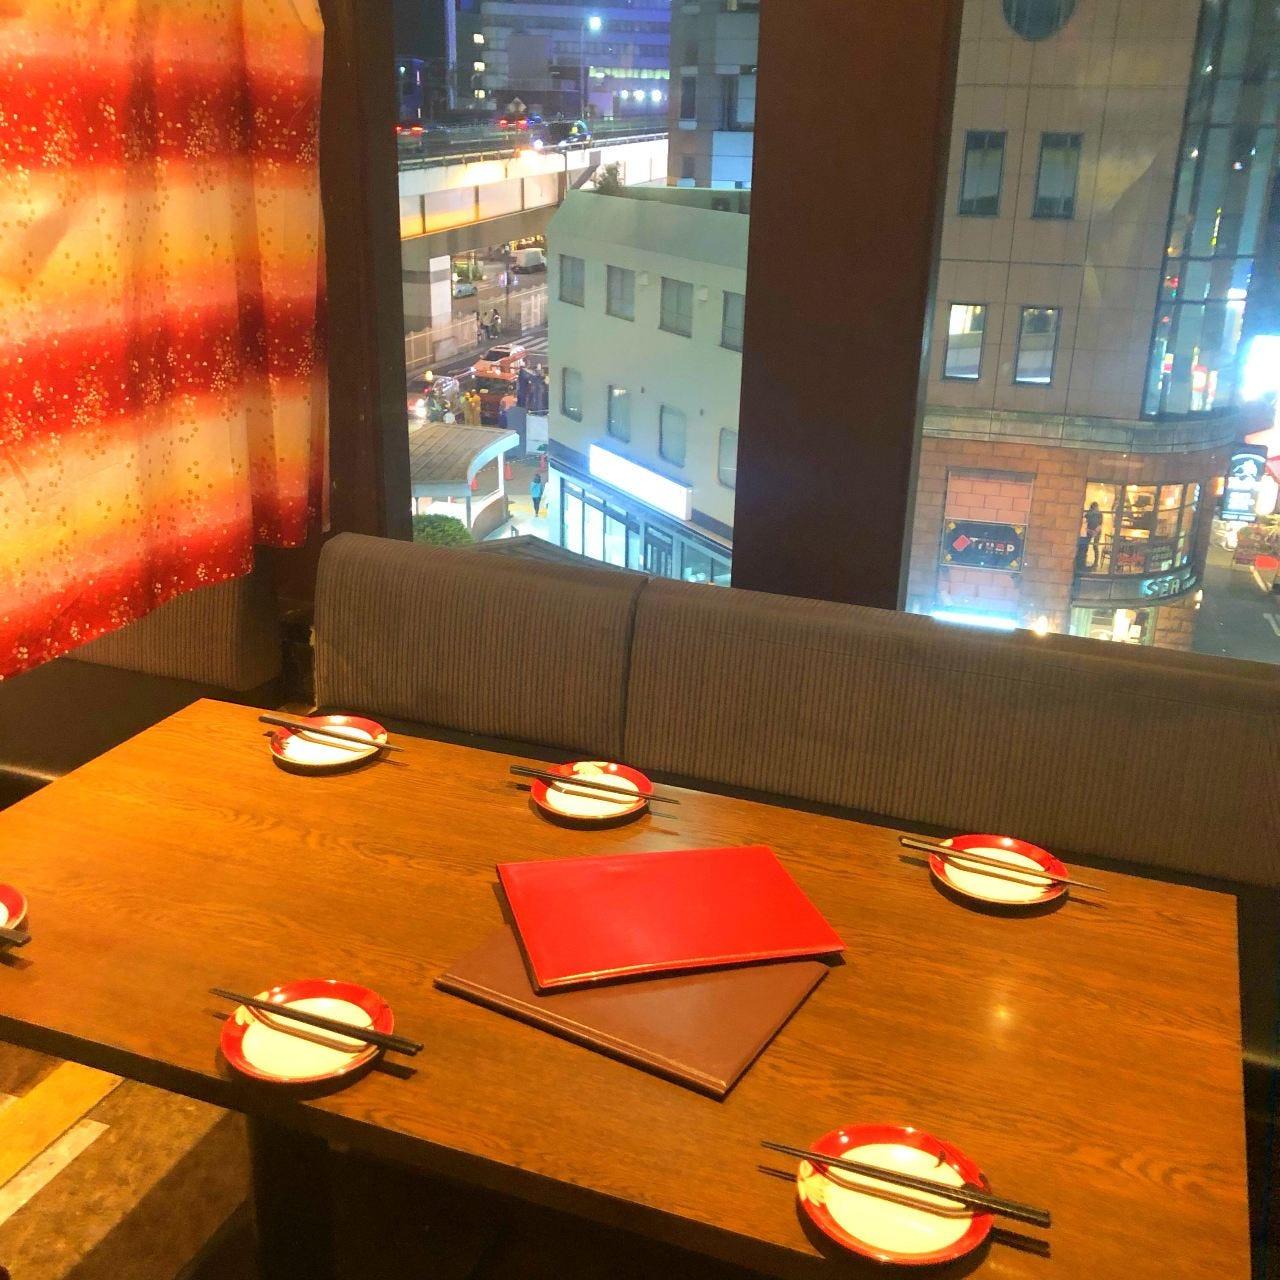 食べ飲み放題 個室居酒屋 絆〜KIZUNA〜3時間食べ飲み放題2720円